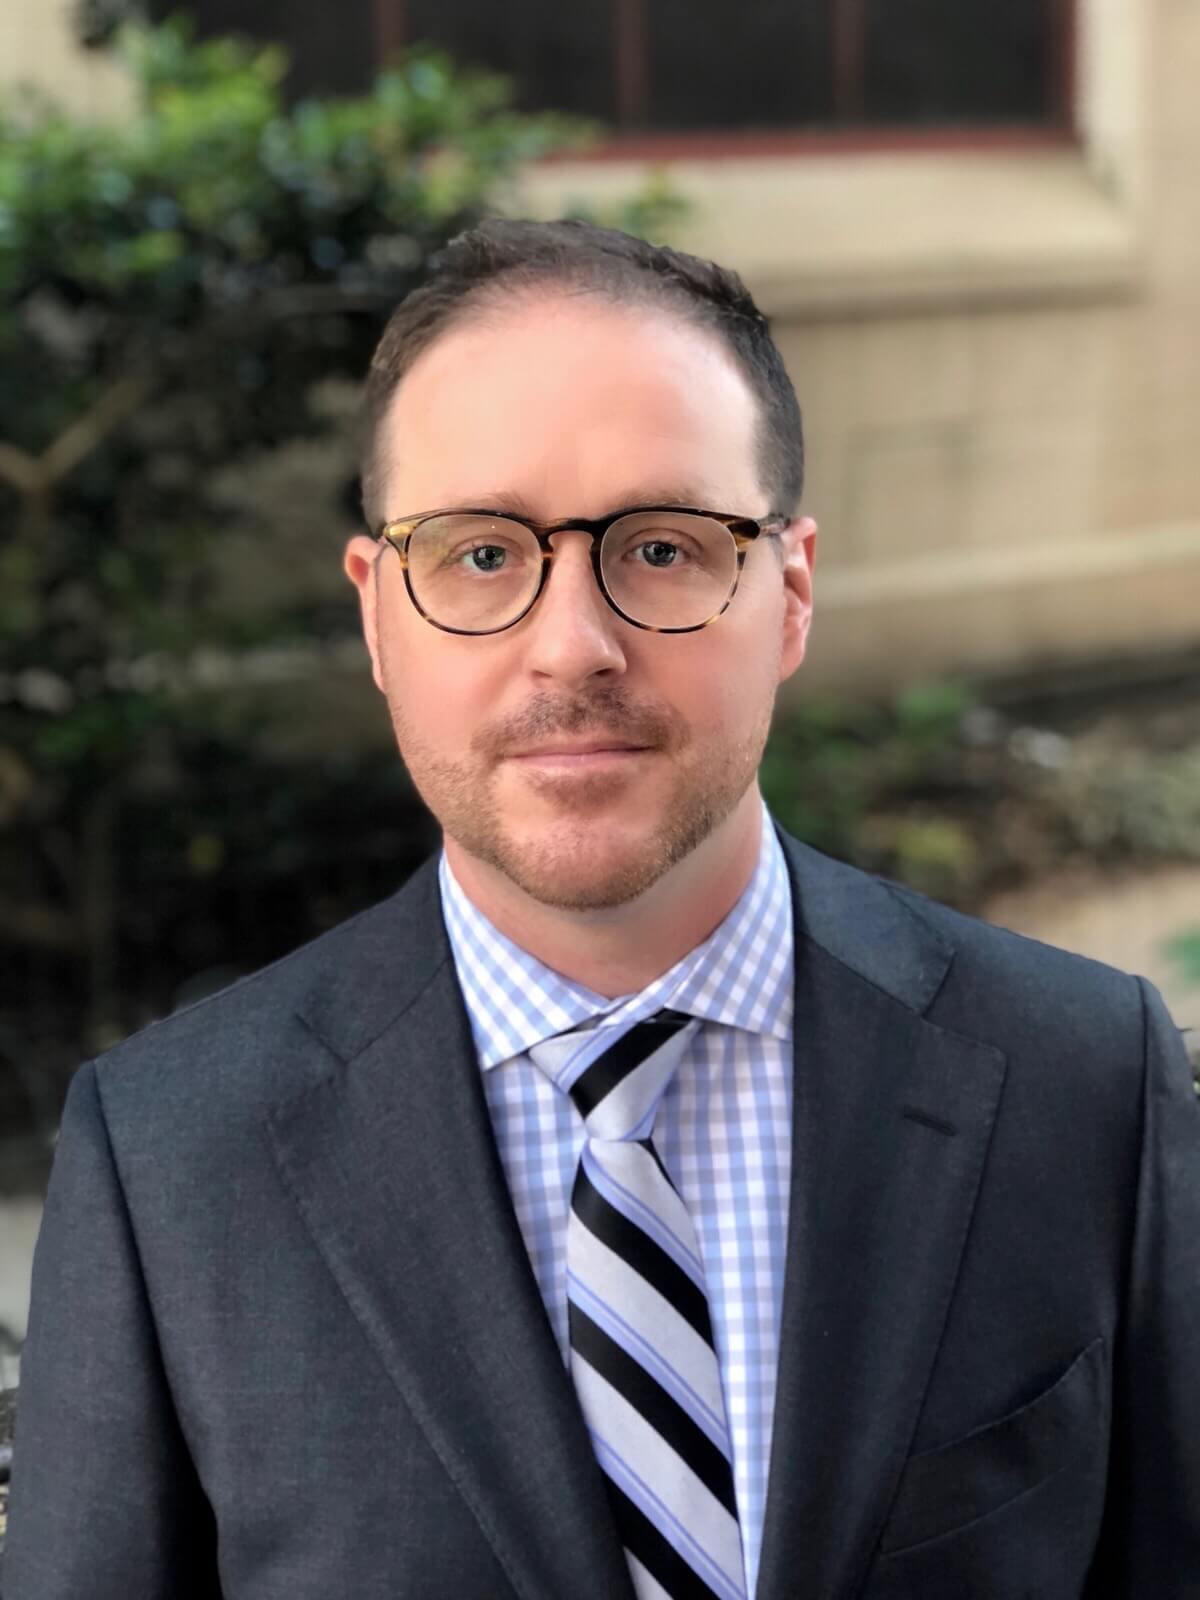 Attorney Adam Grutzmacher